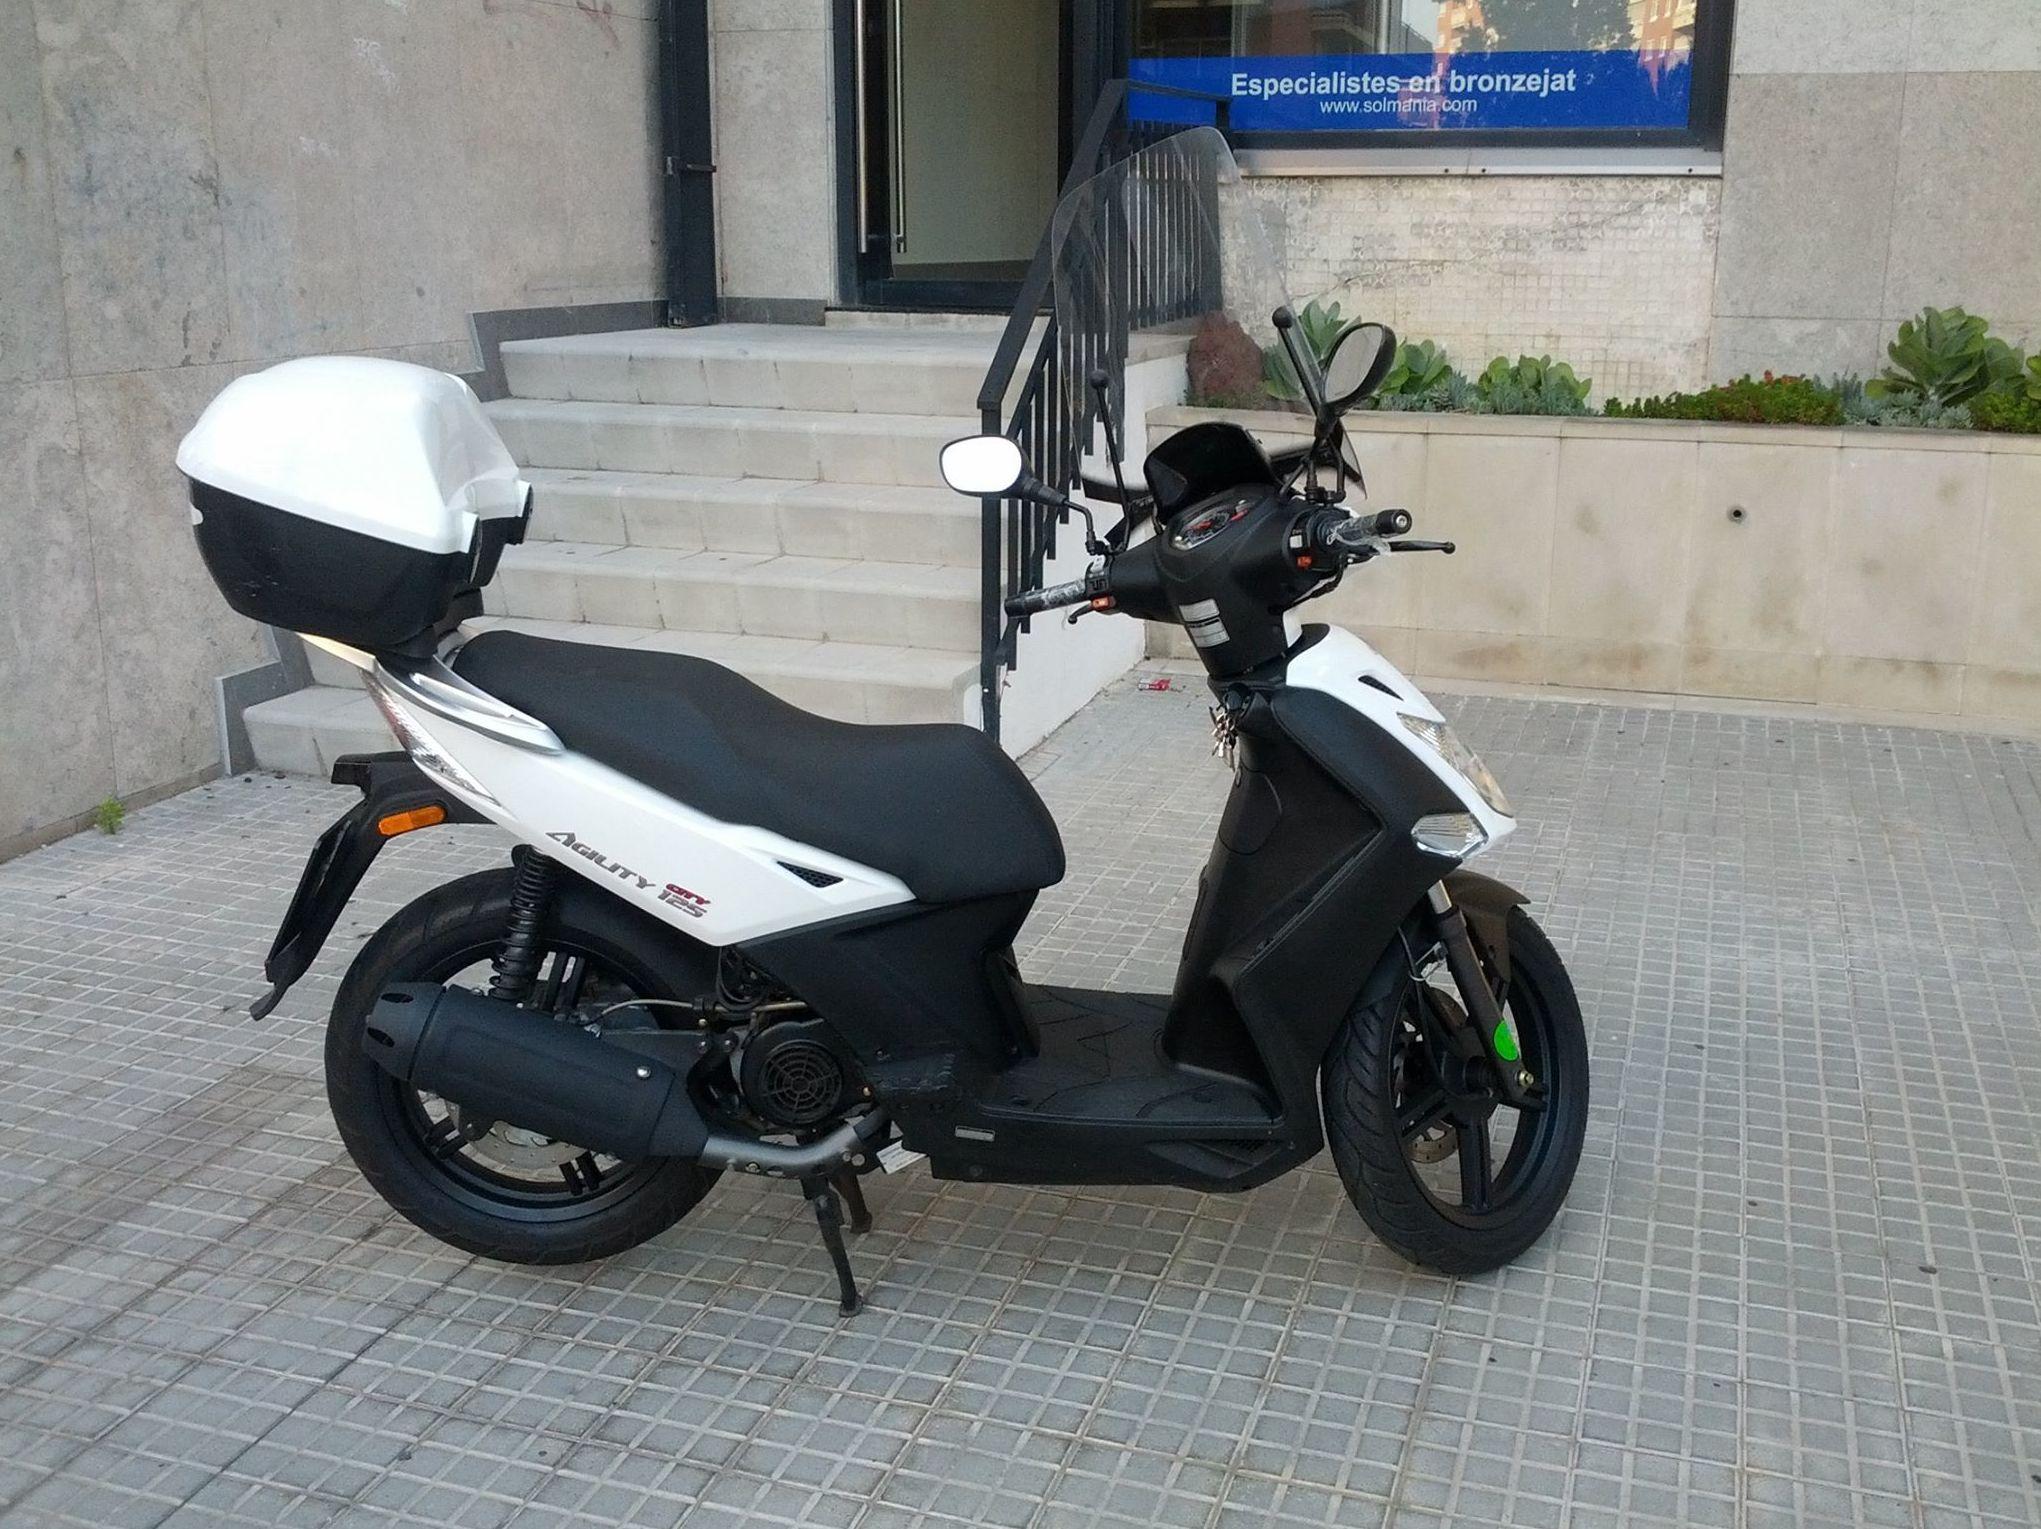 Reparaciones y accesorios, venta de motos de ocasión